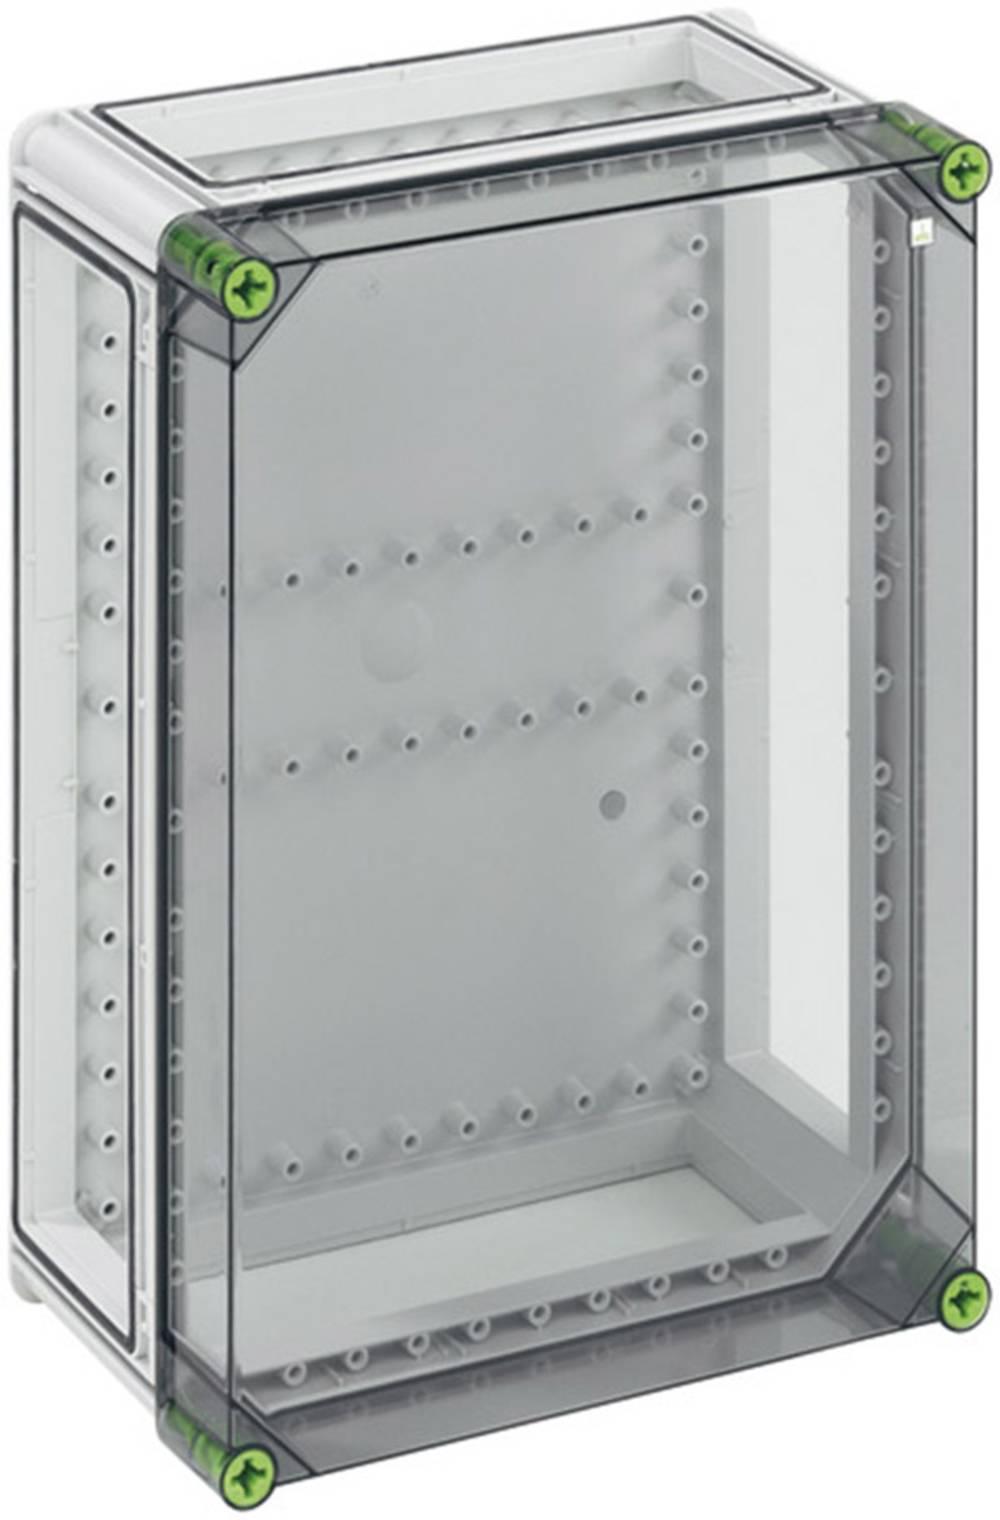 Installationskabinet Spelsberg GTI 3-t 320 x 440 x 179 Polycarbonat 1 stk